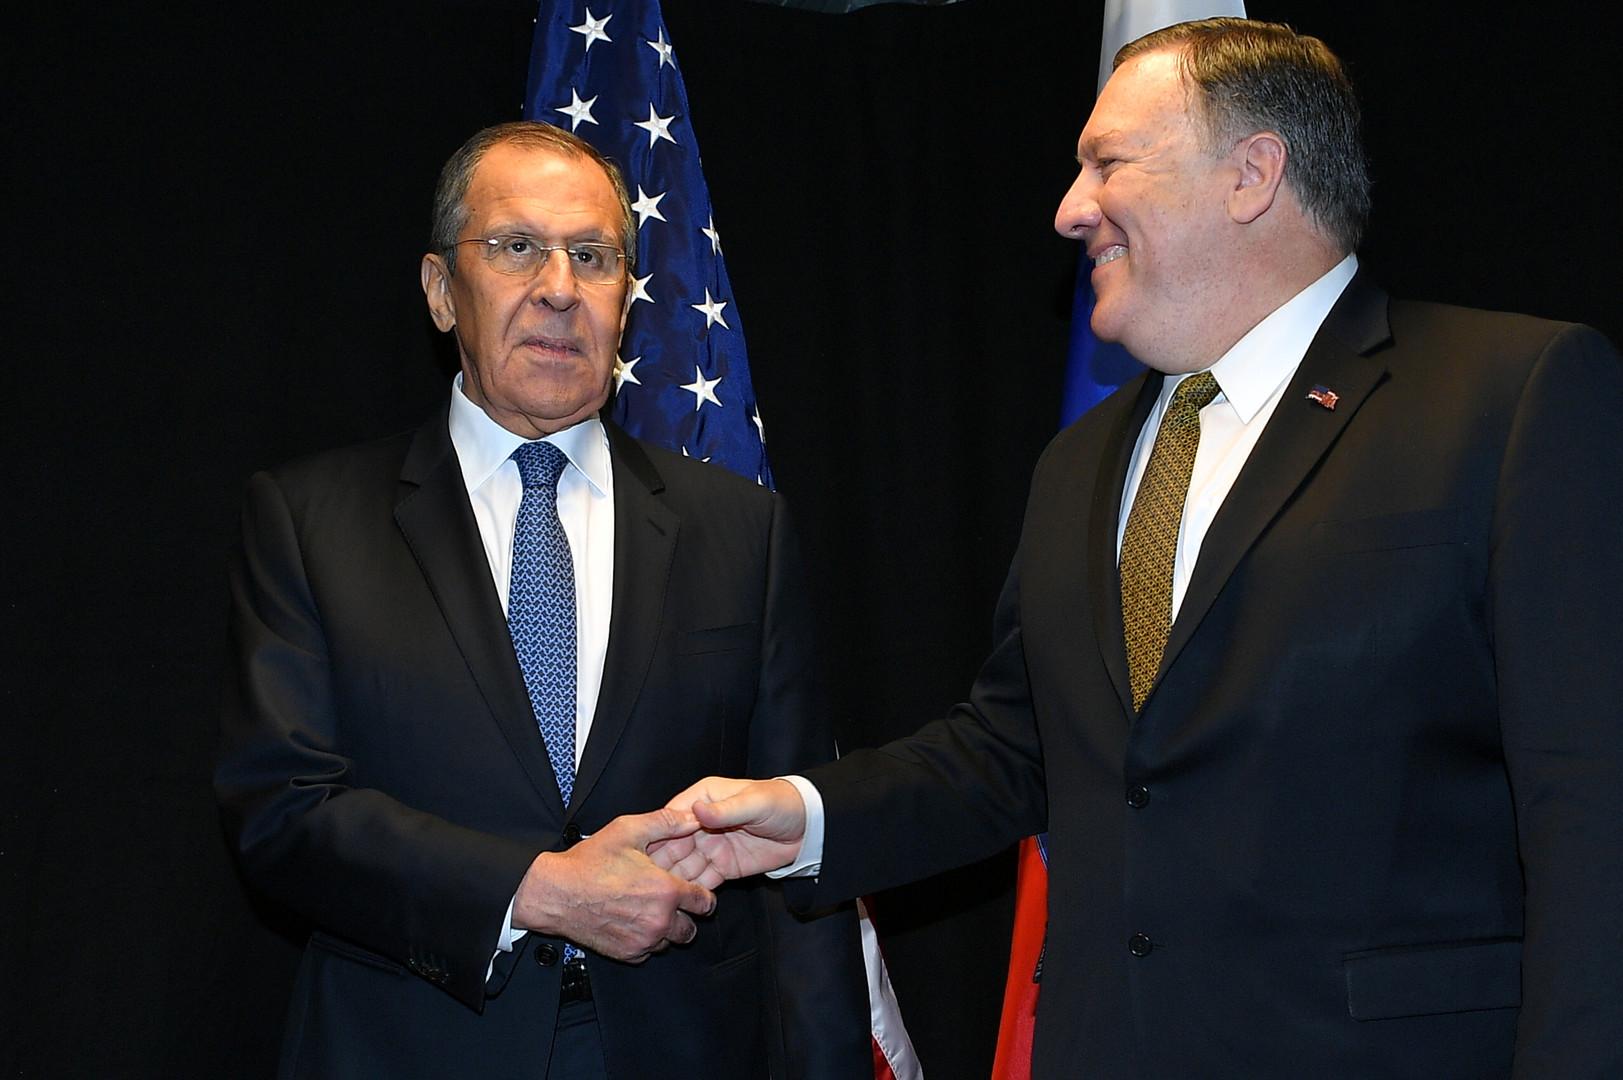 وزير الخارجية الروسي، سيرغي لافروف، ونظيره الأمريكي، مايك بومبيو، خلال محادثات ثنائية بينهما في مدينة روفانييمي الفنلندية يوم 6 مايو 2019